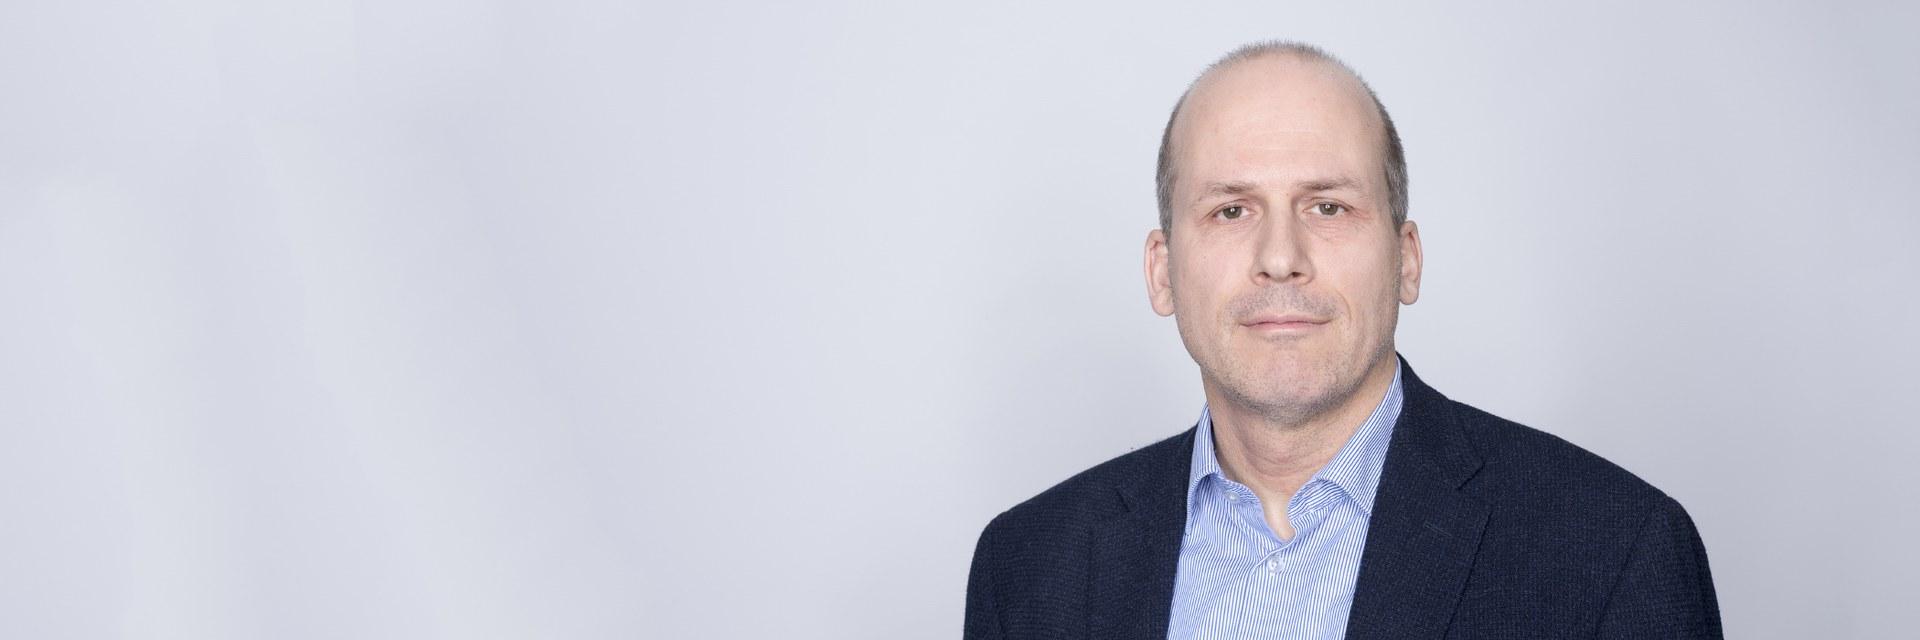 Prof. Dr. Christoph Stamm